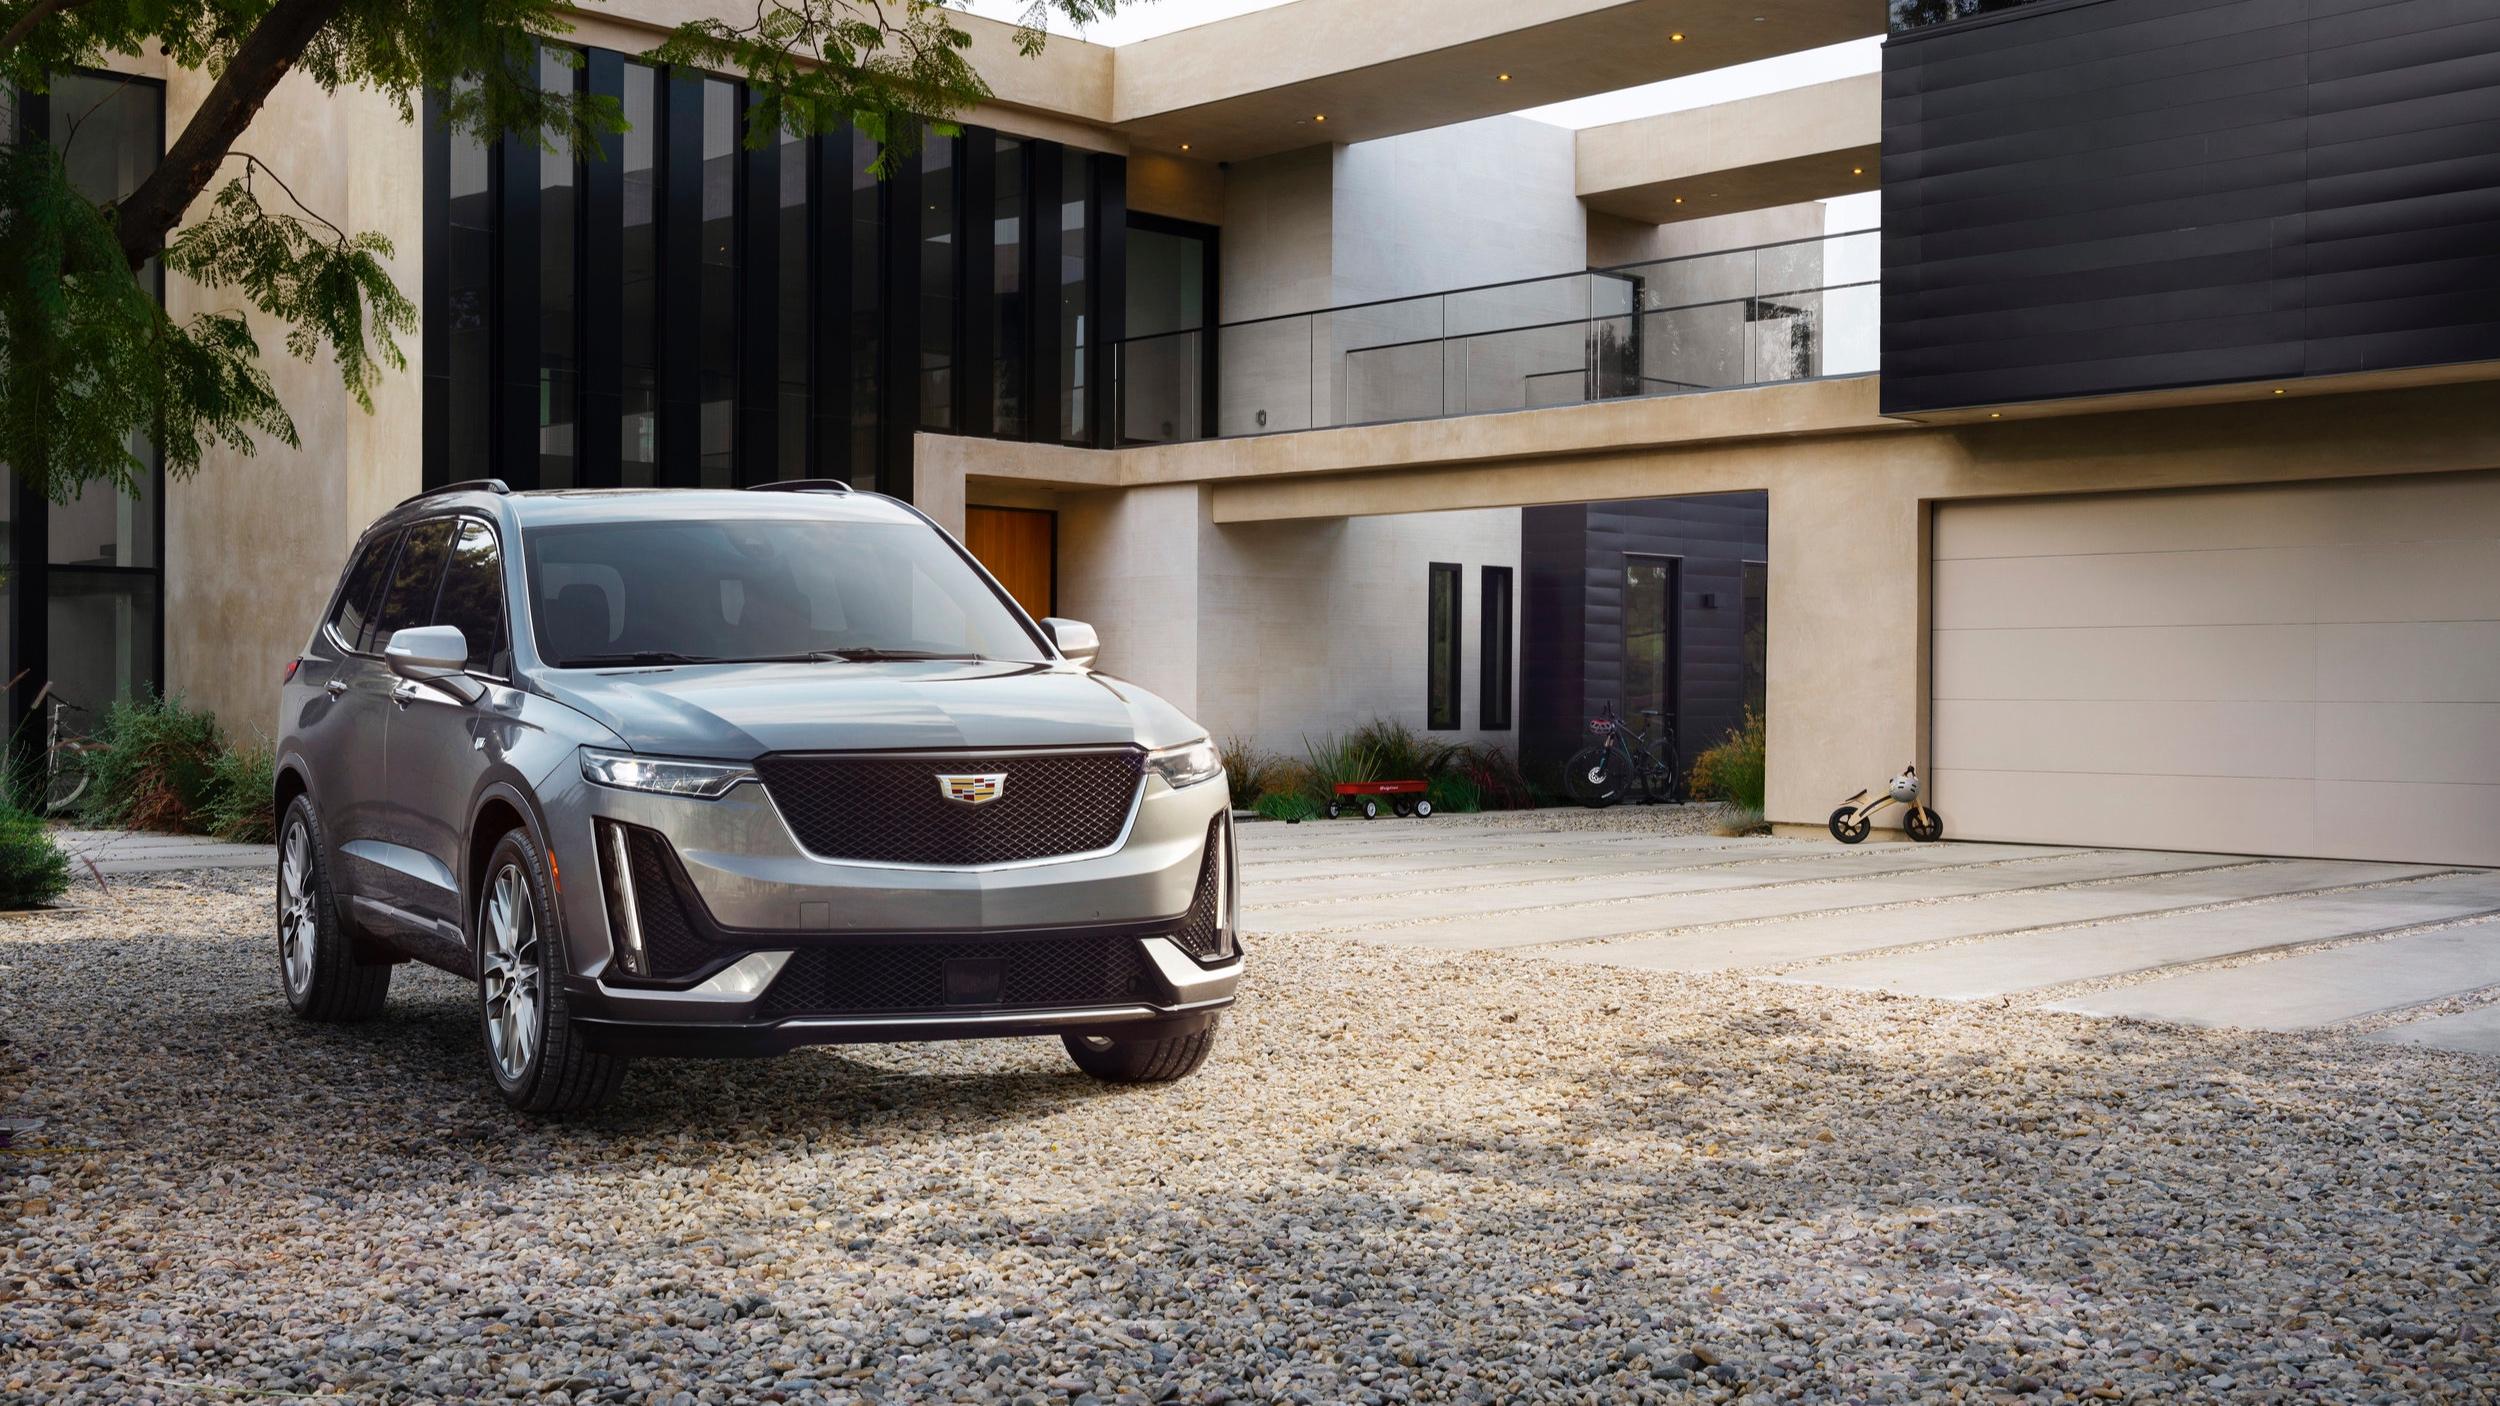 2020-Cadillac-XT6-Sport-001.jpg